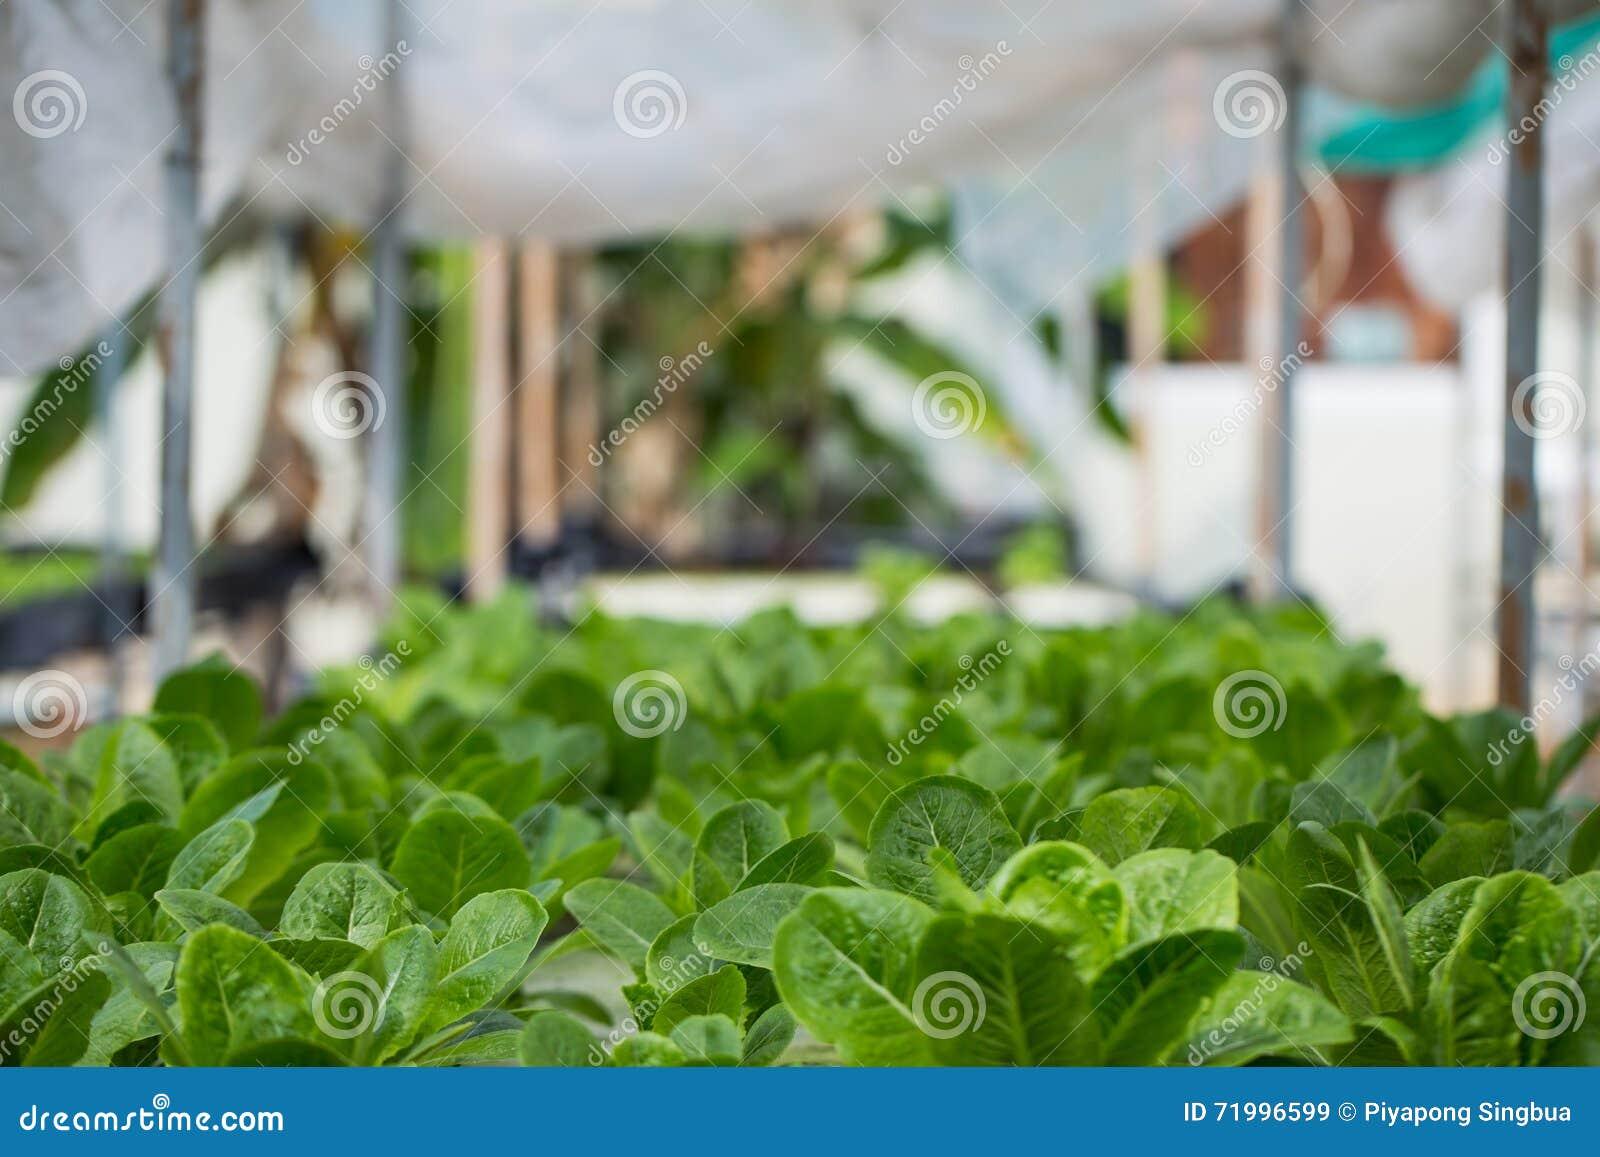 Hydroponics Method Of Growing Plants Stock Image - Image of